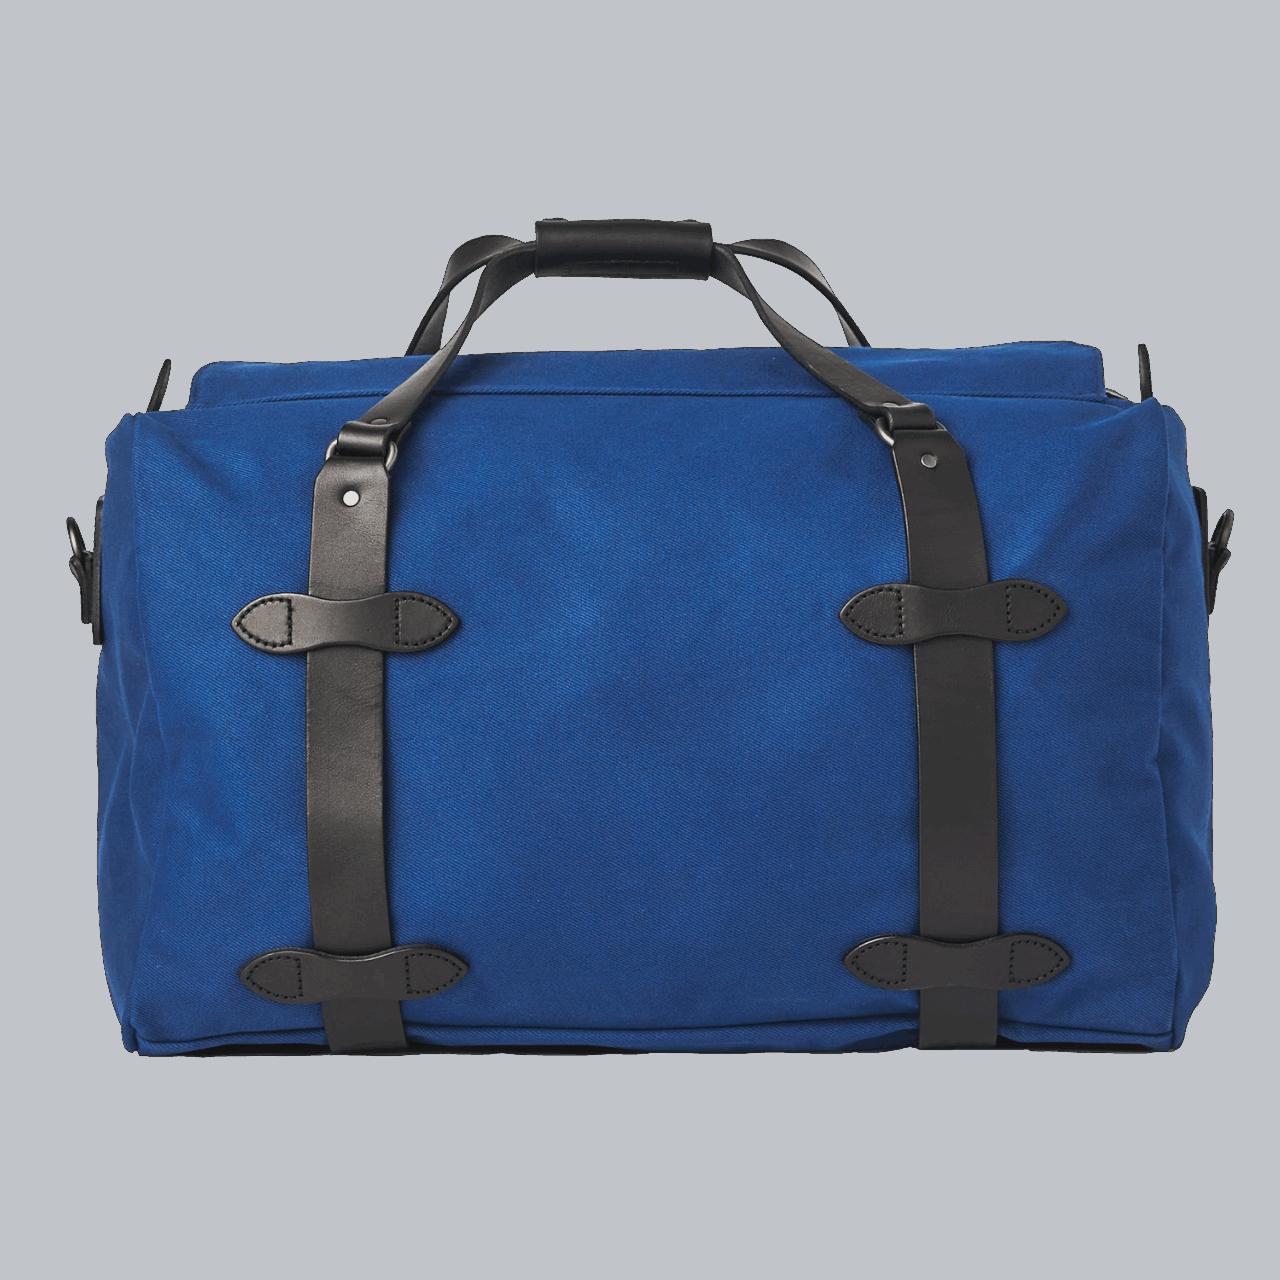 Filson Medium Rugged Twill Duffle Bag - Flag Blue